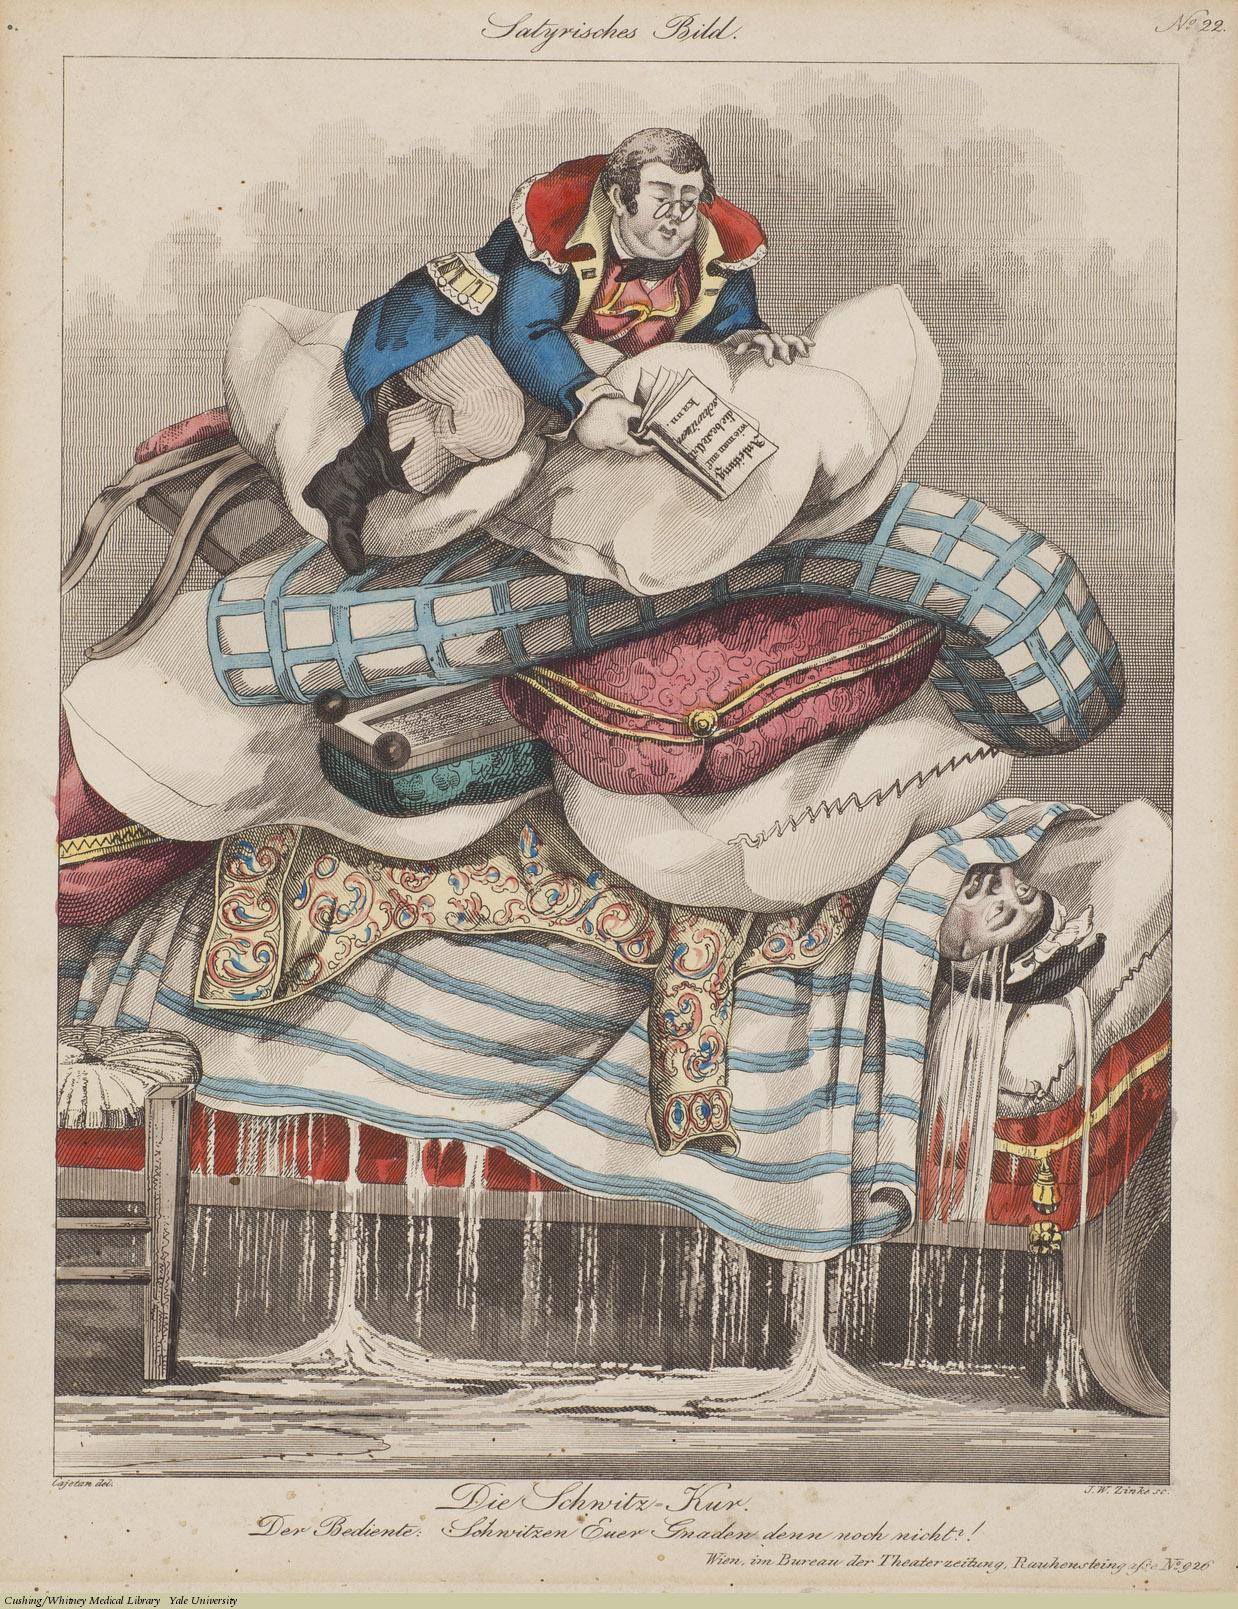 Die Schwitz = Kur.  Johann Wenzel Zinke, Engraving coloured, Satyrisches Bild. #22. Subject: Sweating Cure, hydrotherapy.